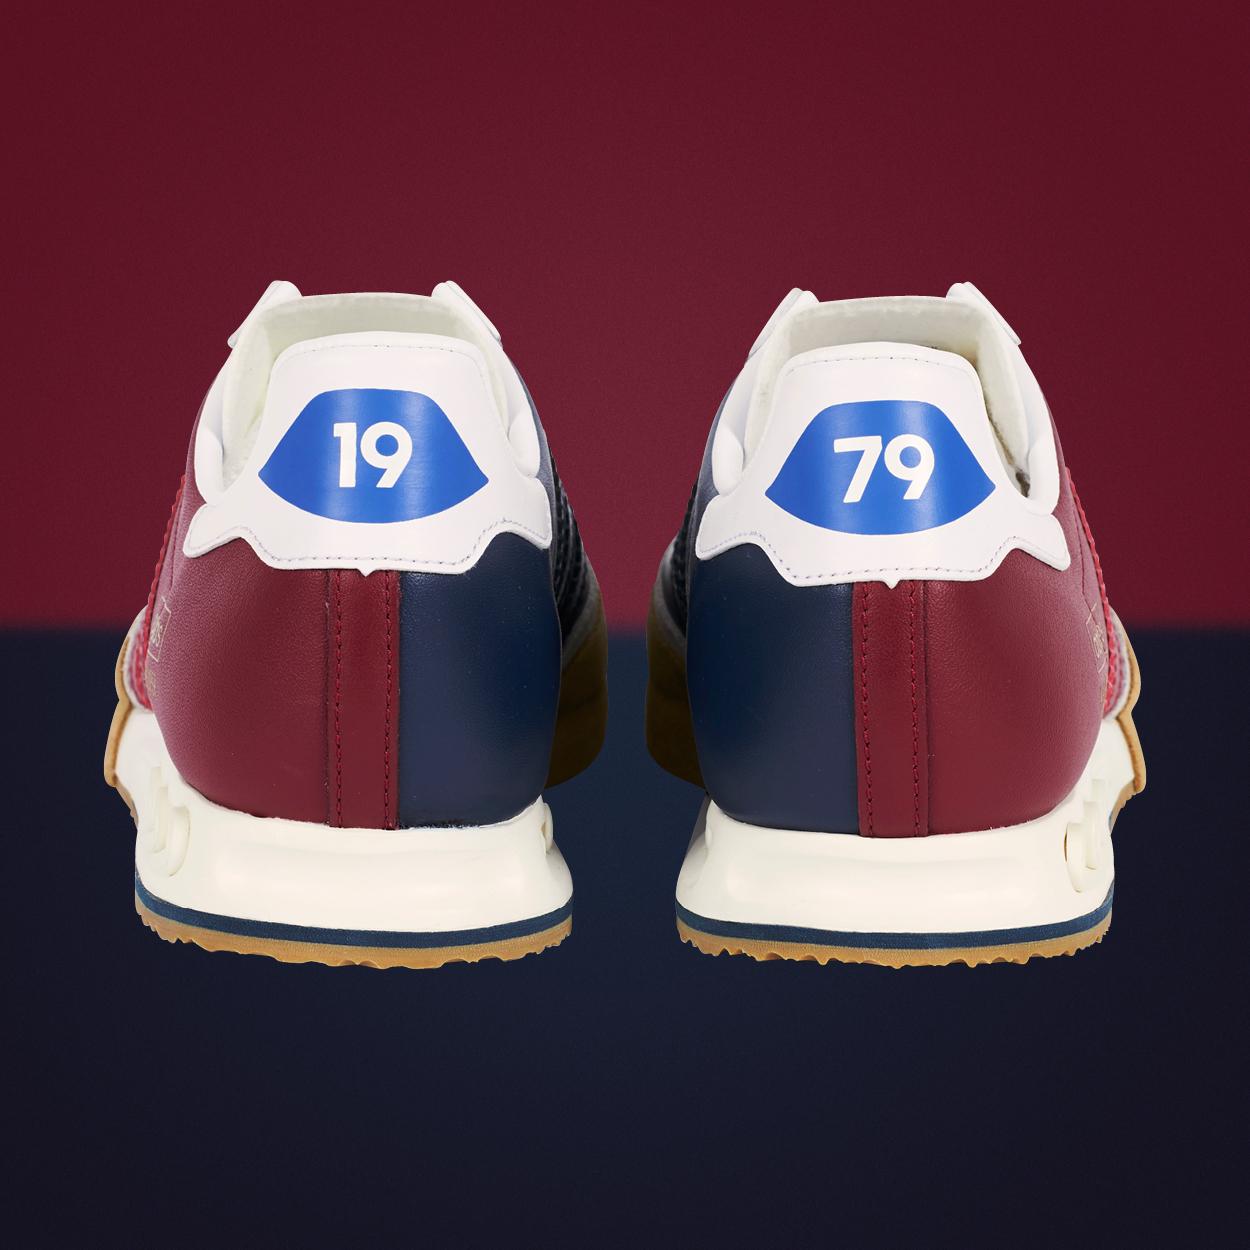 adidas Originals Kegler Super size? Exclusive, Red